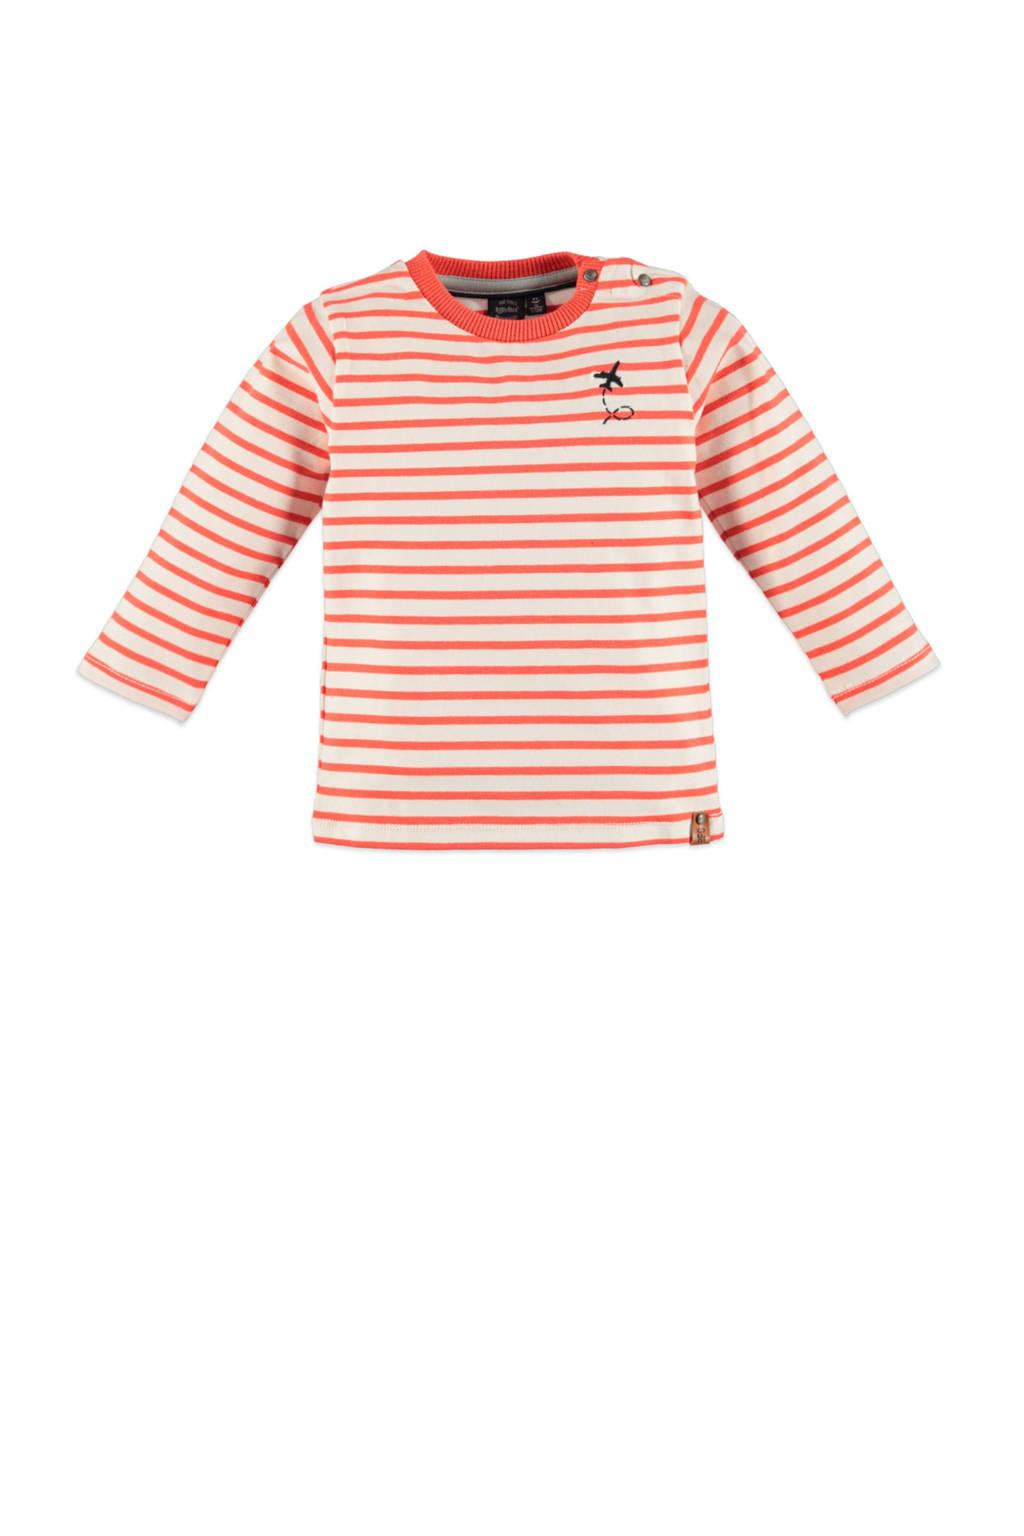 Babyface gestreepte longsleeve oranjerood/ecru, Oranjerood/ecru